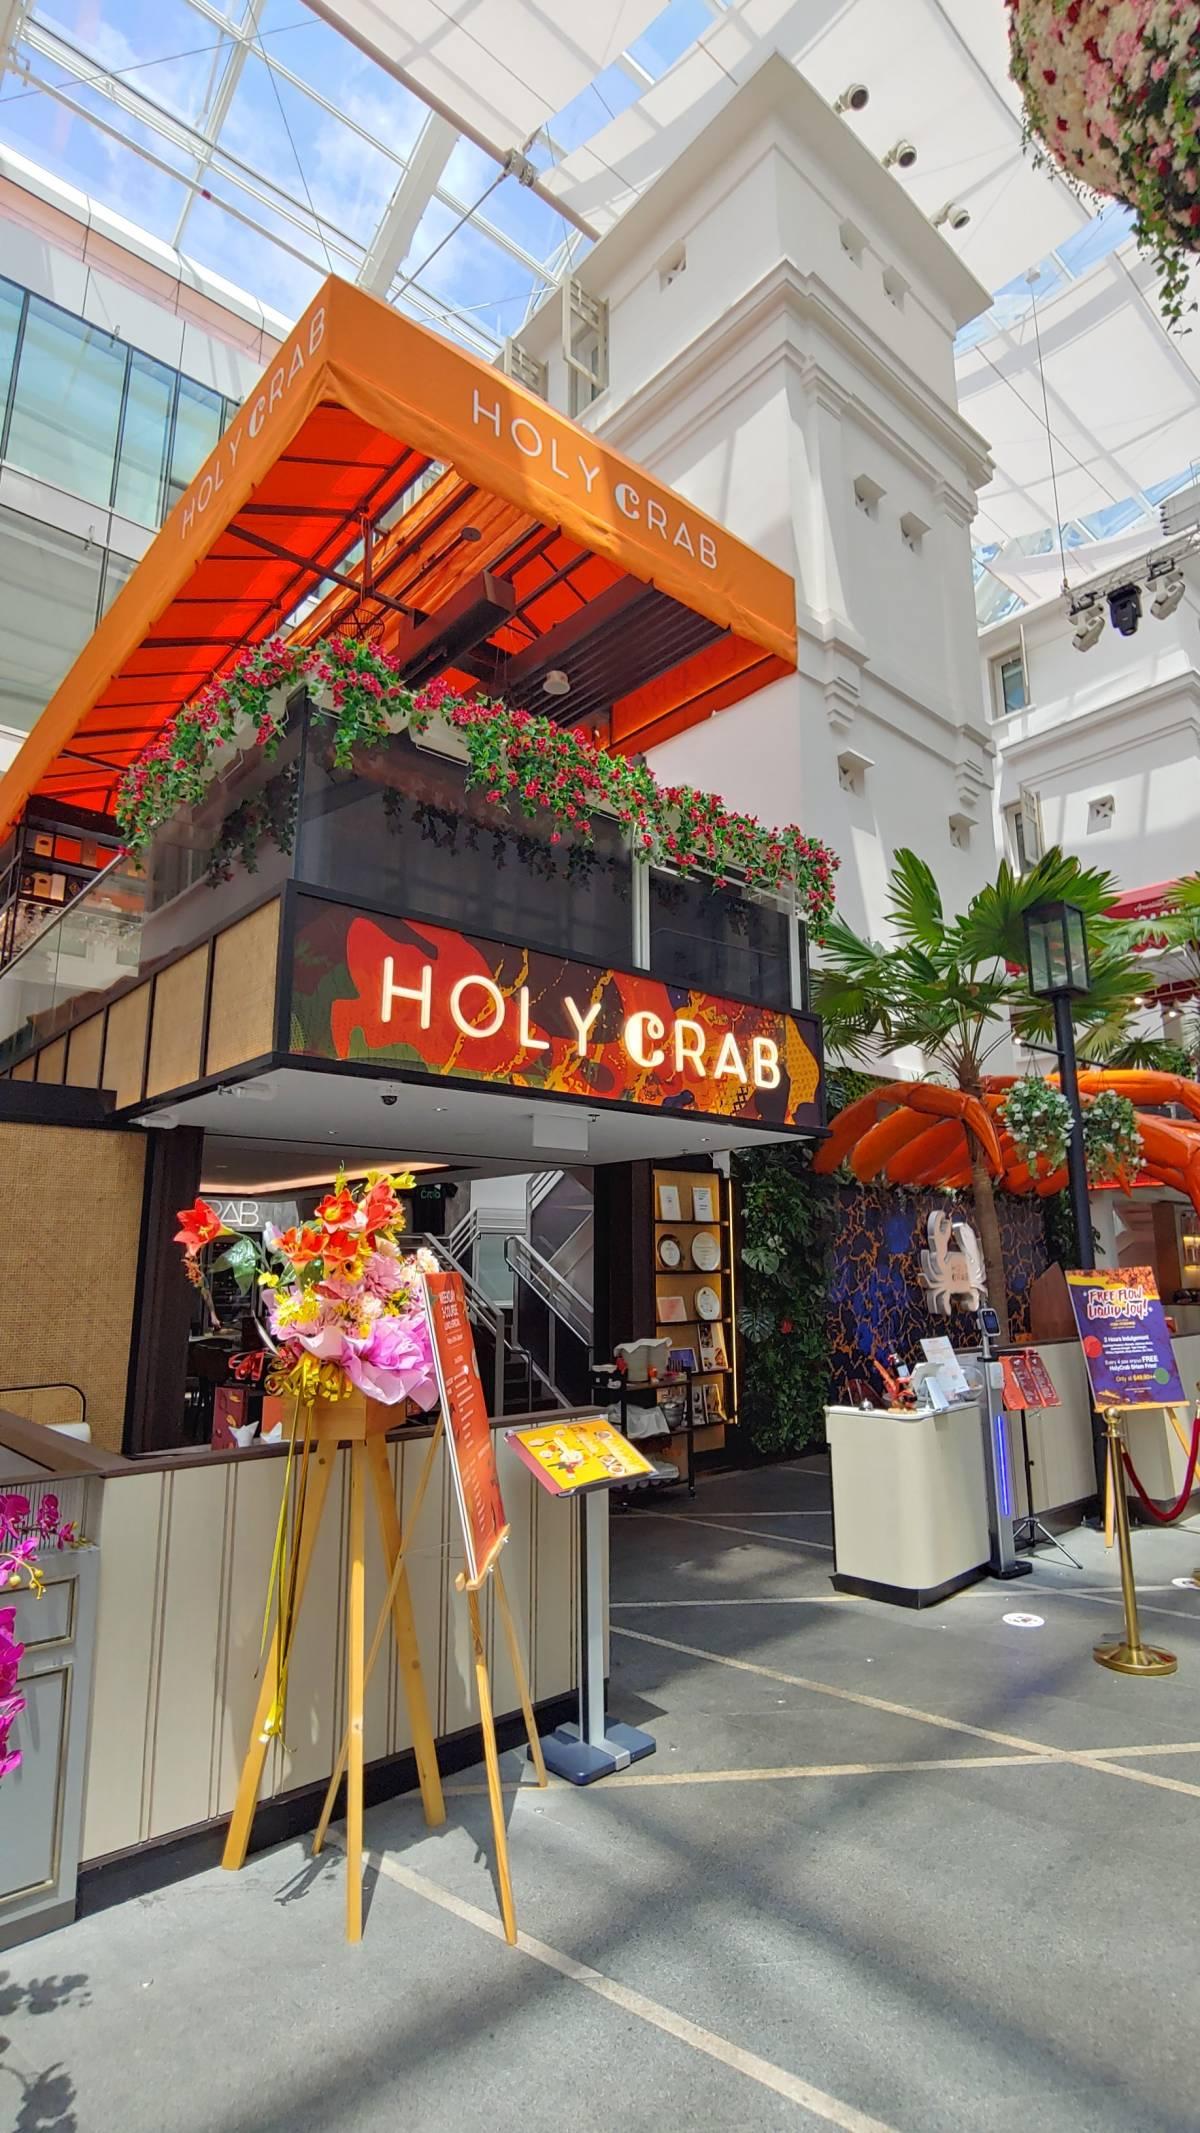 Discover A RockStar at Holy Crab